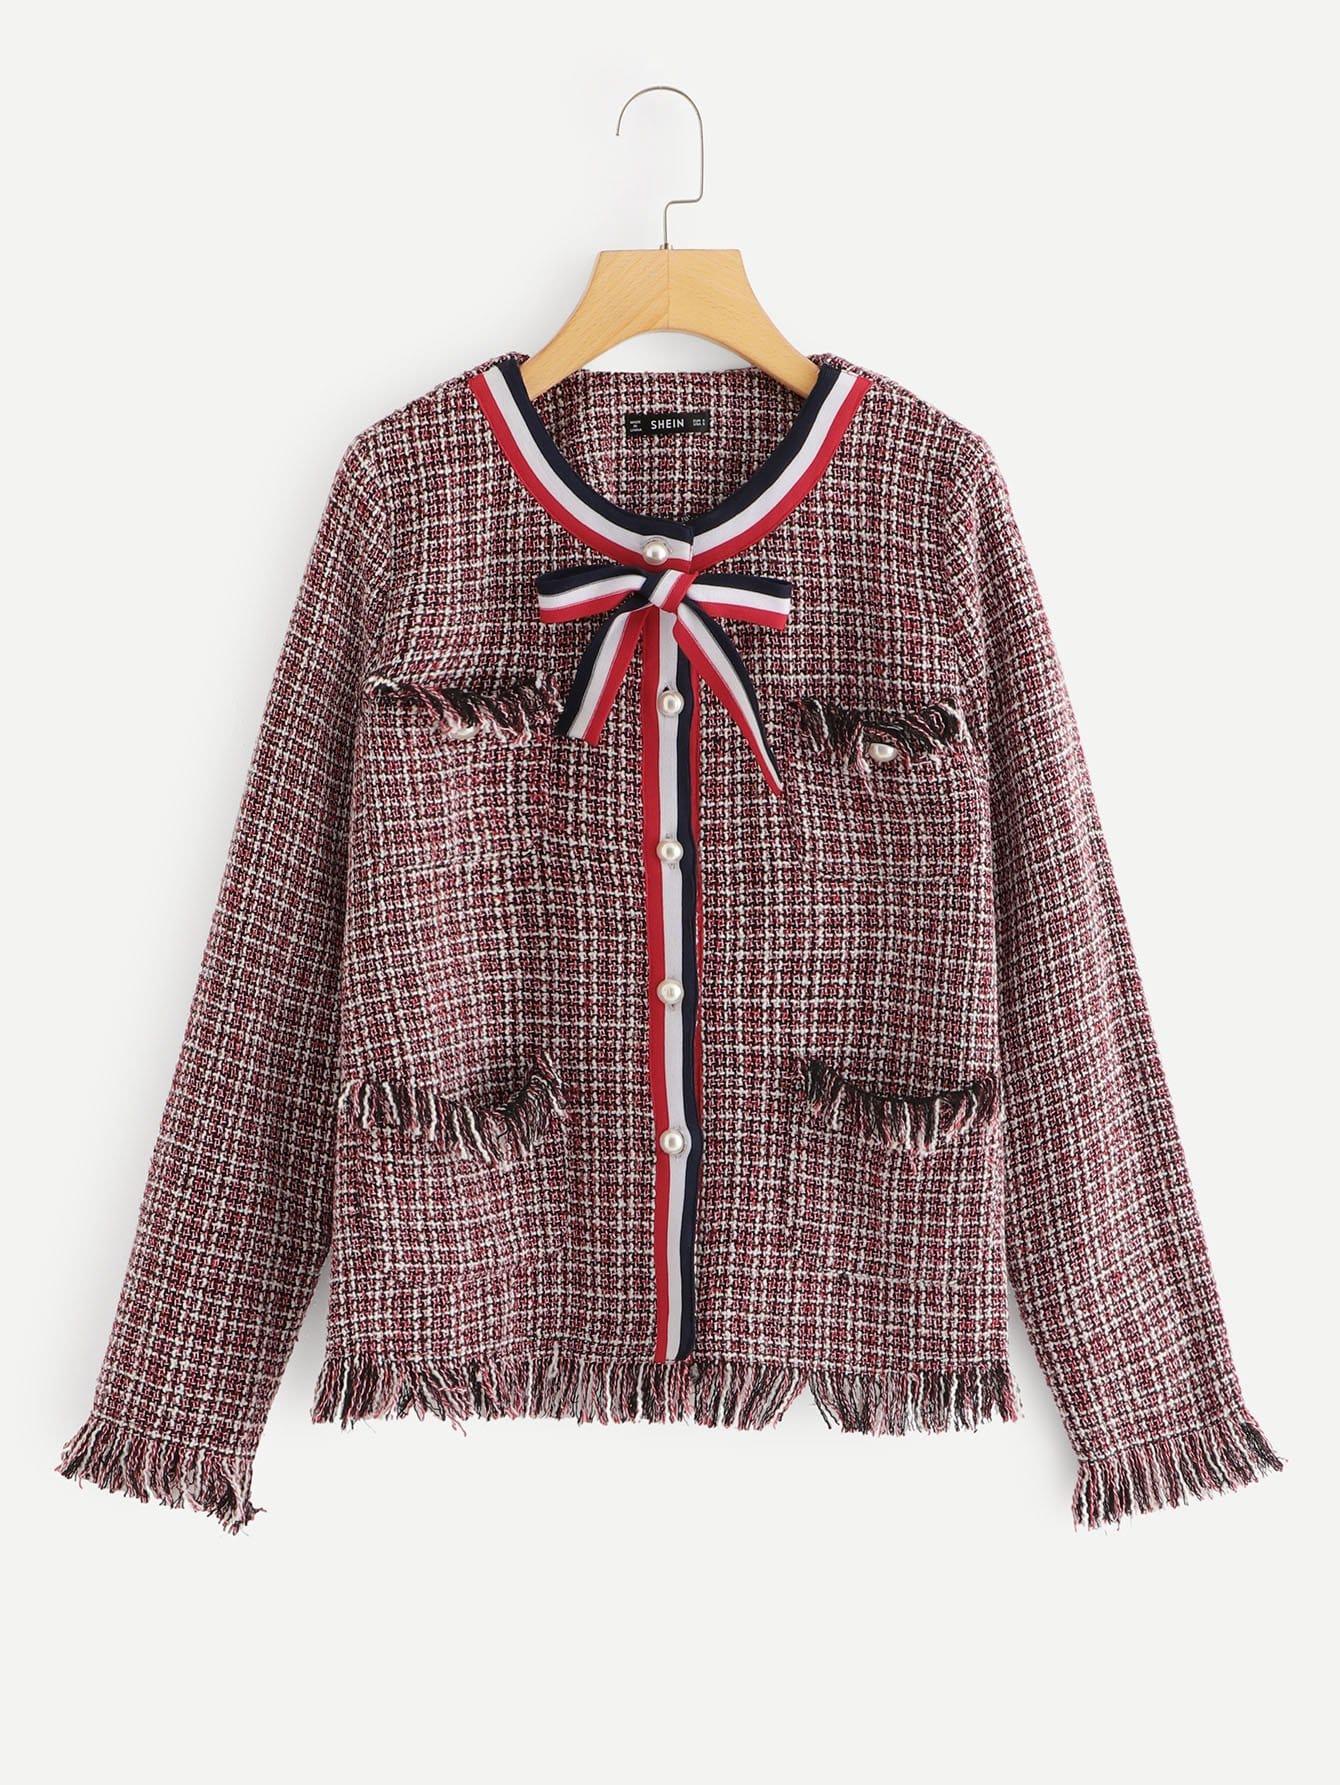 Купить Пальто из твида с полосатыми лентами, null, SheIn